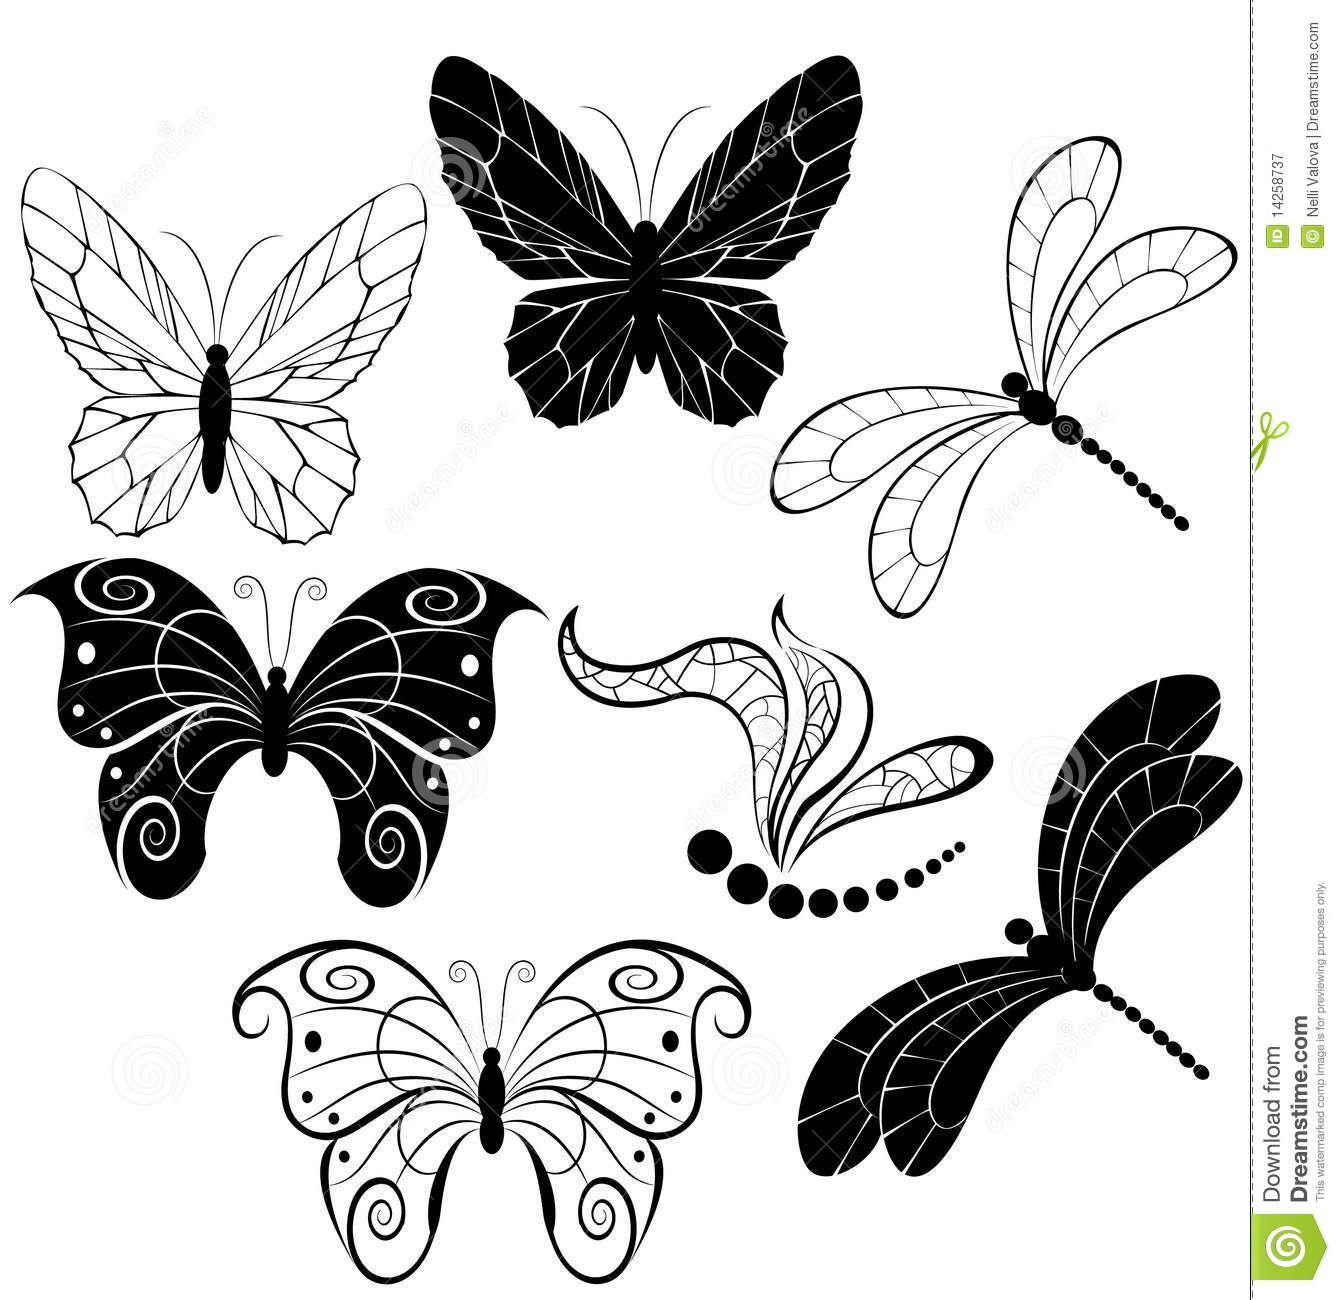 dibujos libelulas para pintar - Buscar con Google | Dibujos y ...